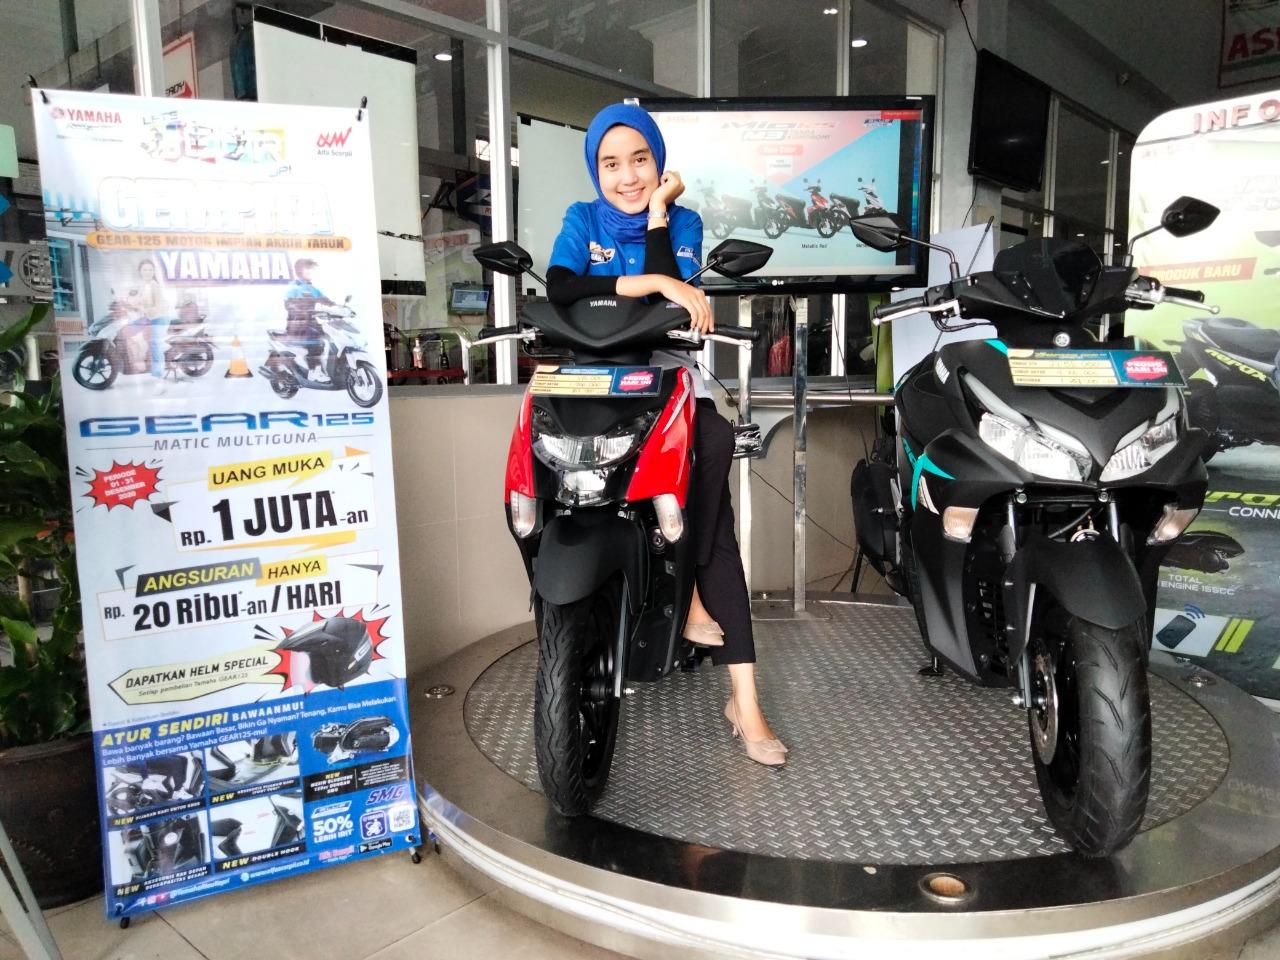 Yamaha Gear 125, Kini Sudah Tersedia di Semua Jaringan Dealer Yamaha